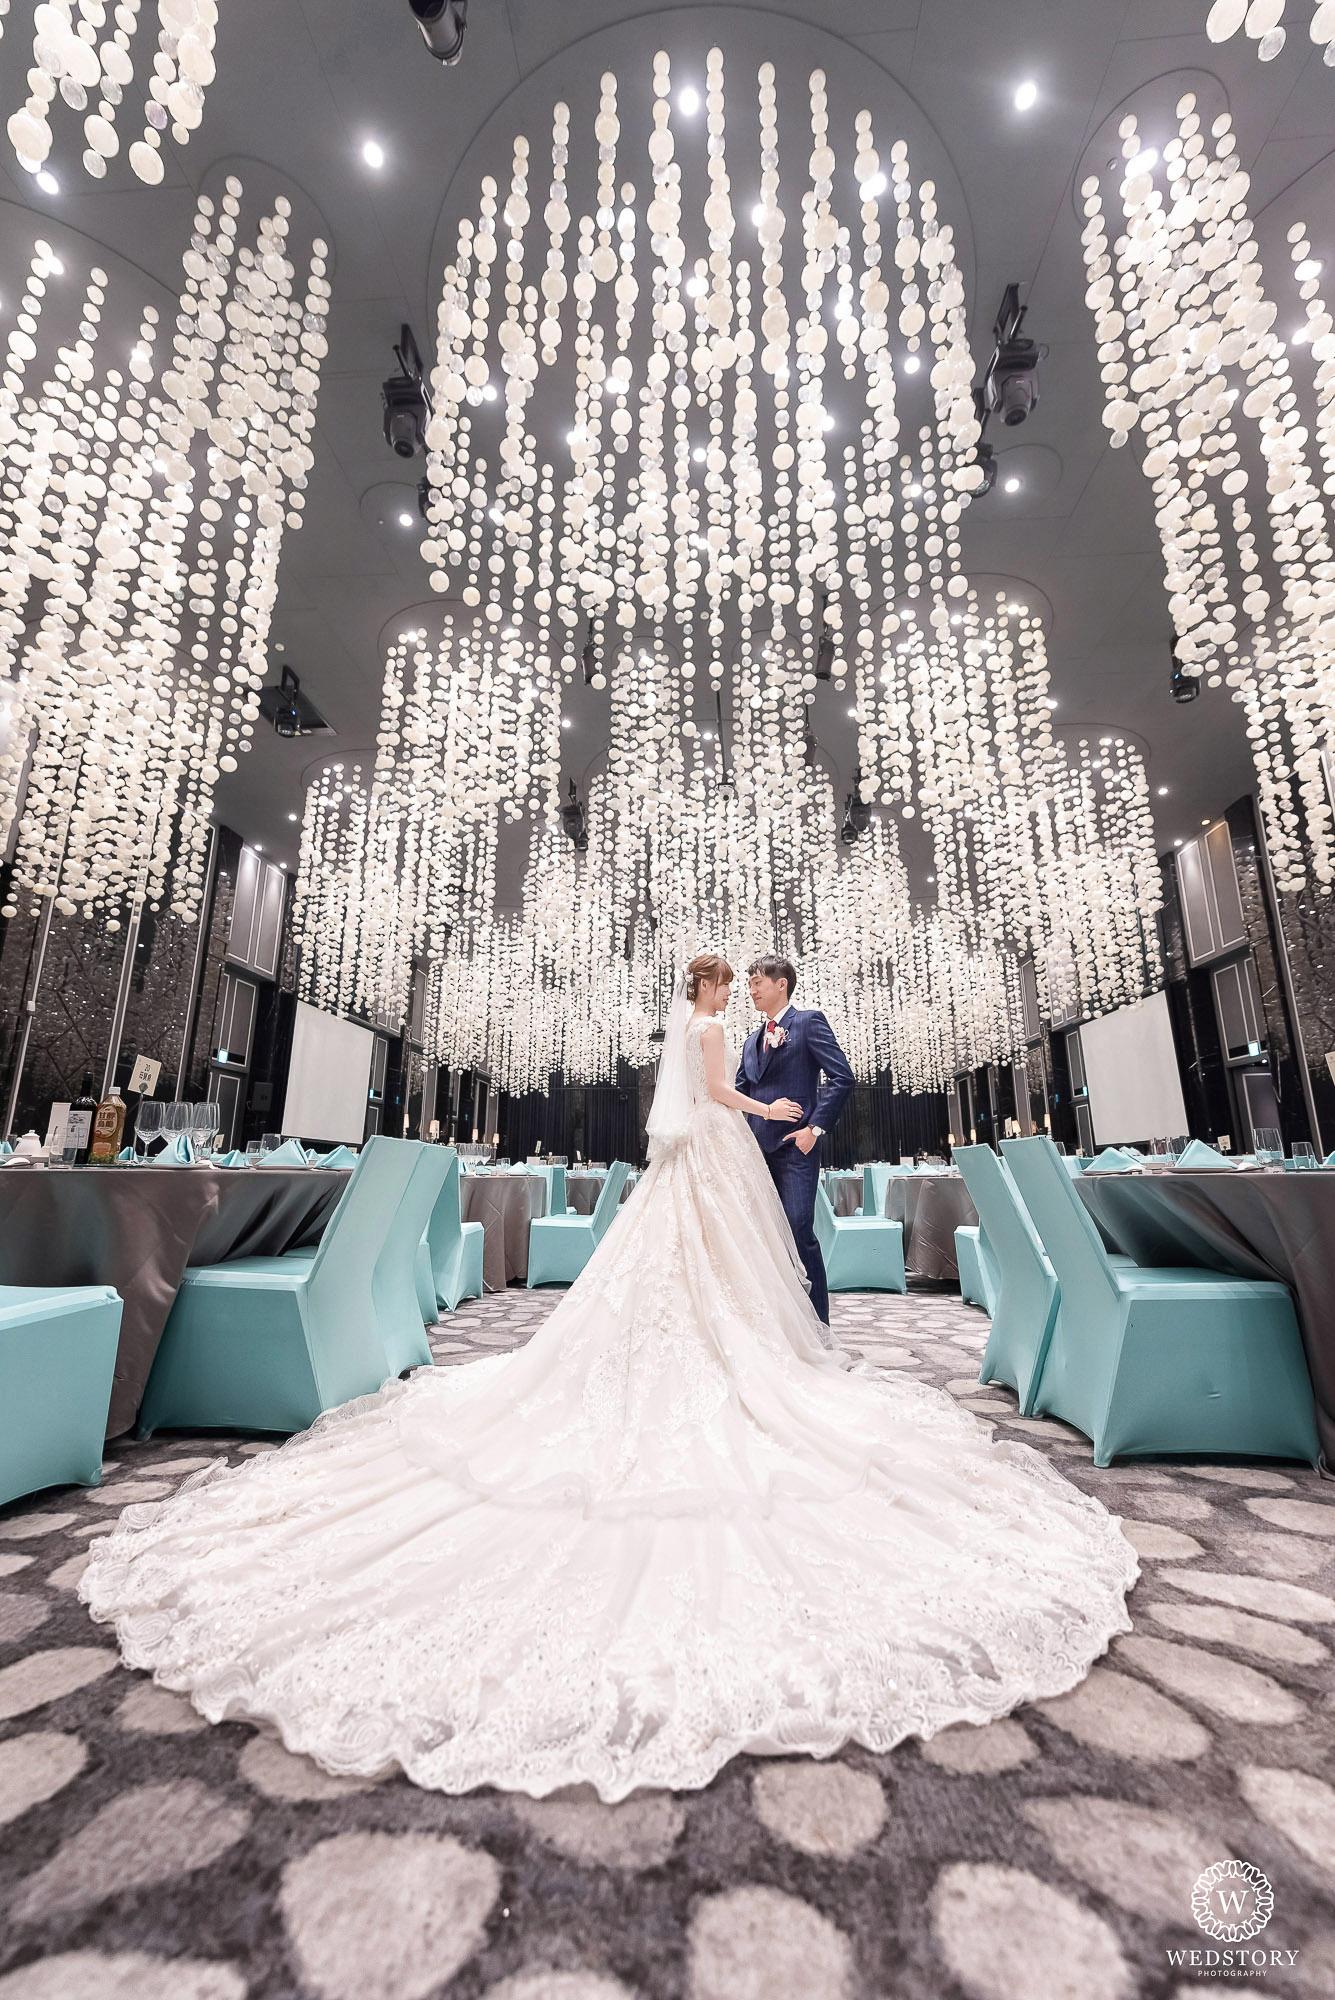 高雄晶綺盛宴婚攝56,銀河廳,珍珠廳,婚攝推薦,婚禮攝影,婚禮紀錄